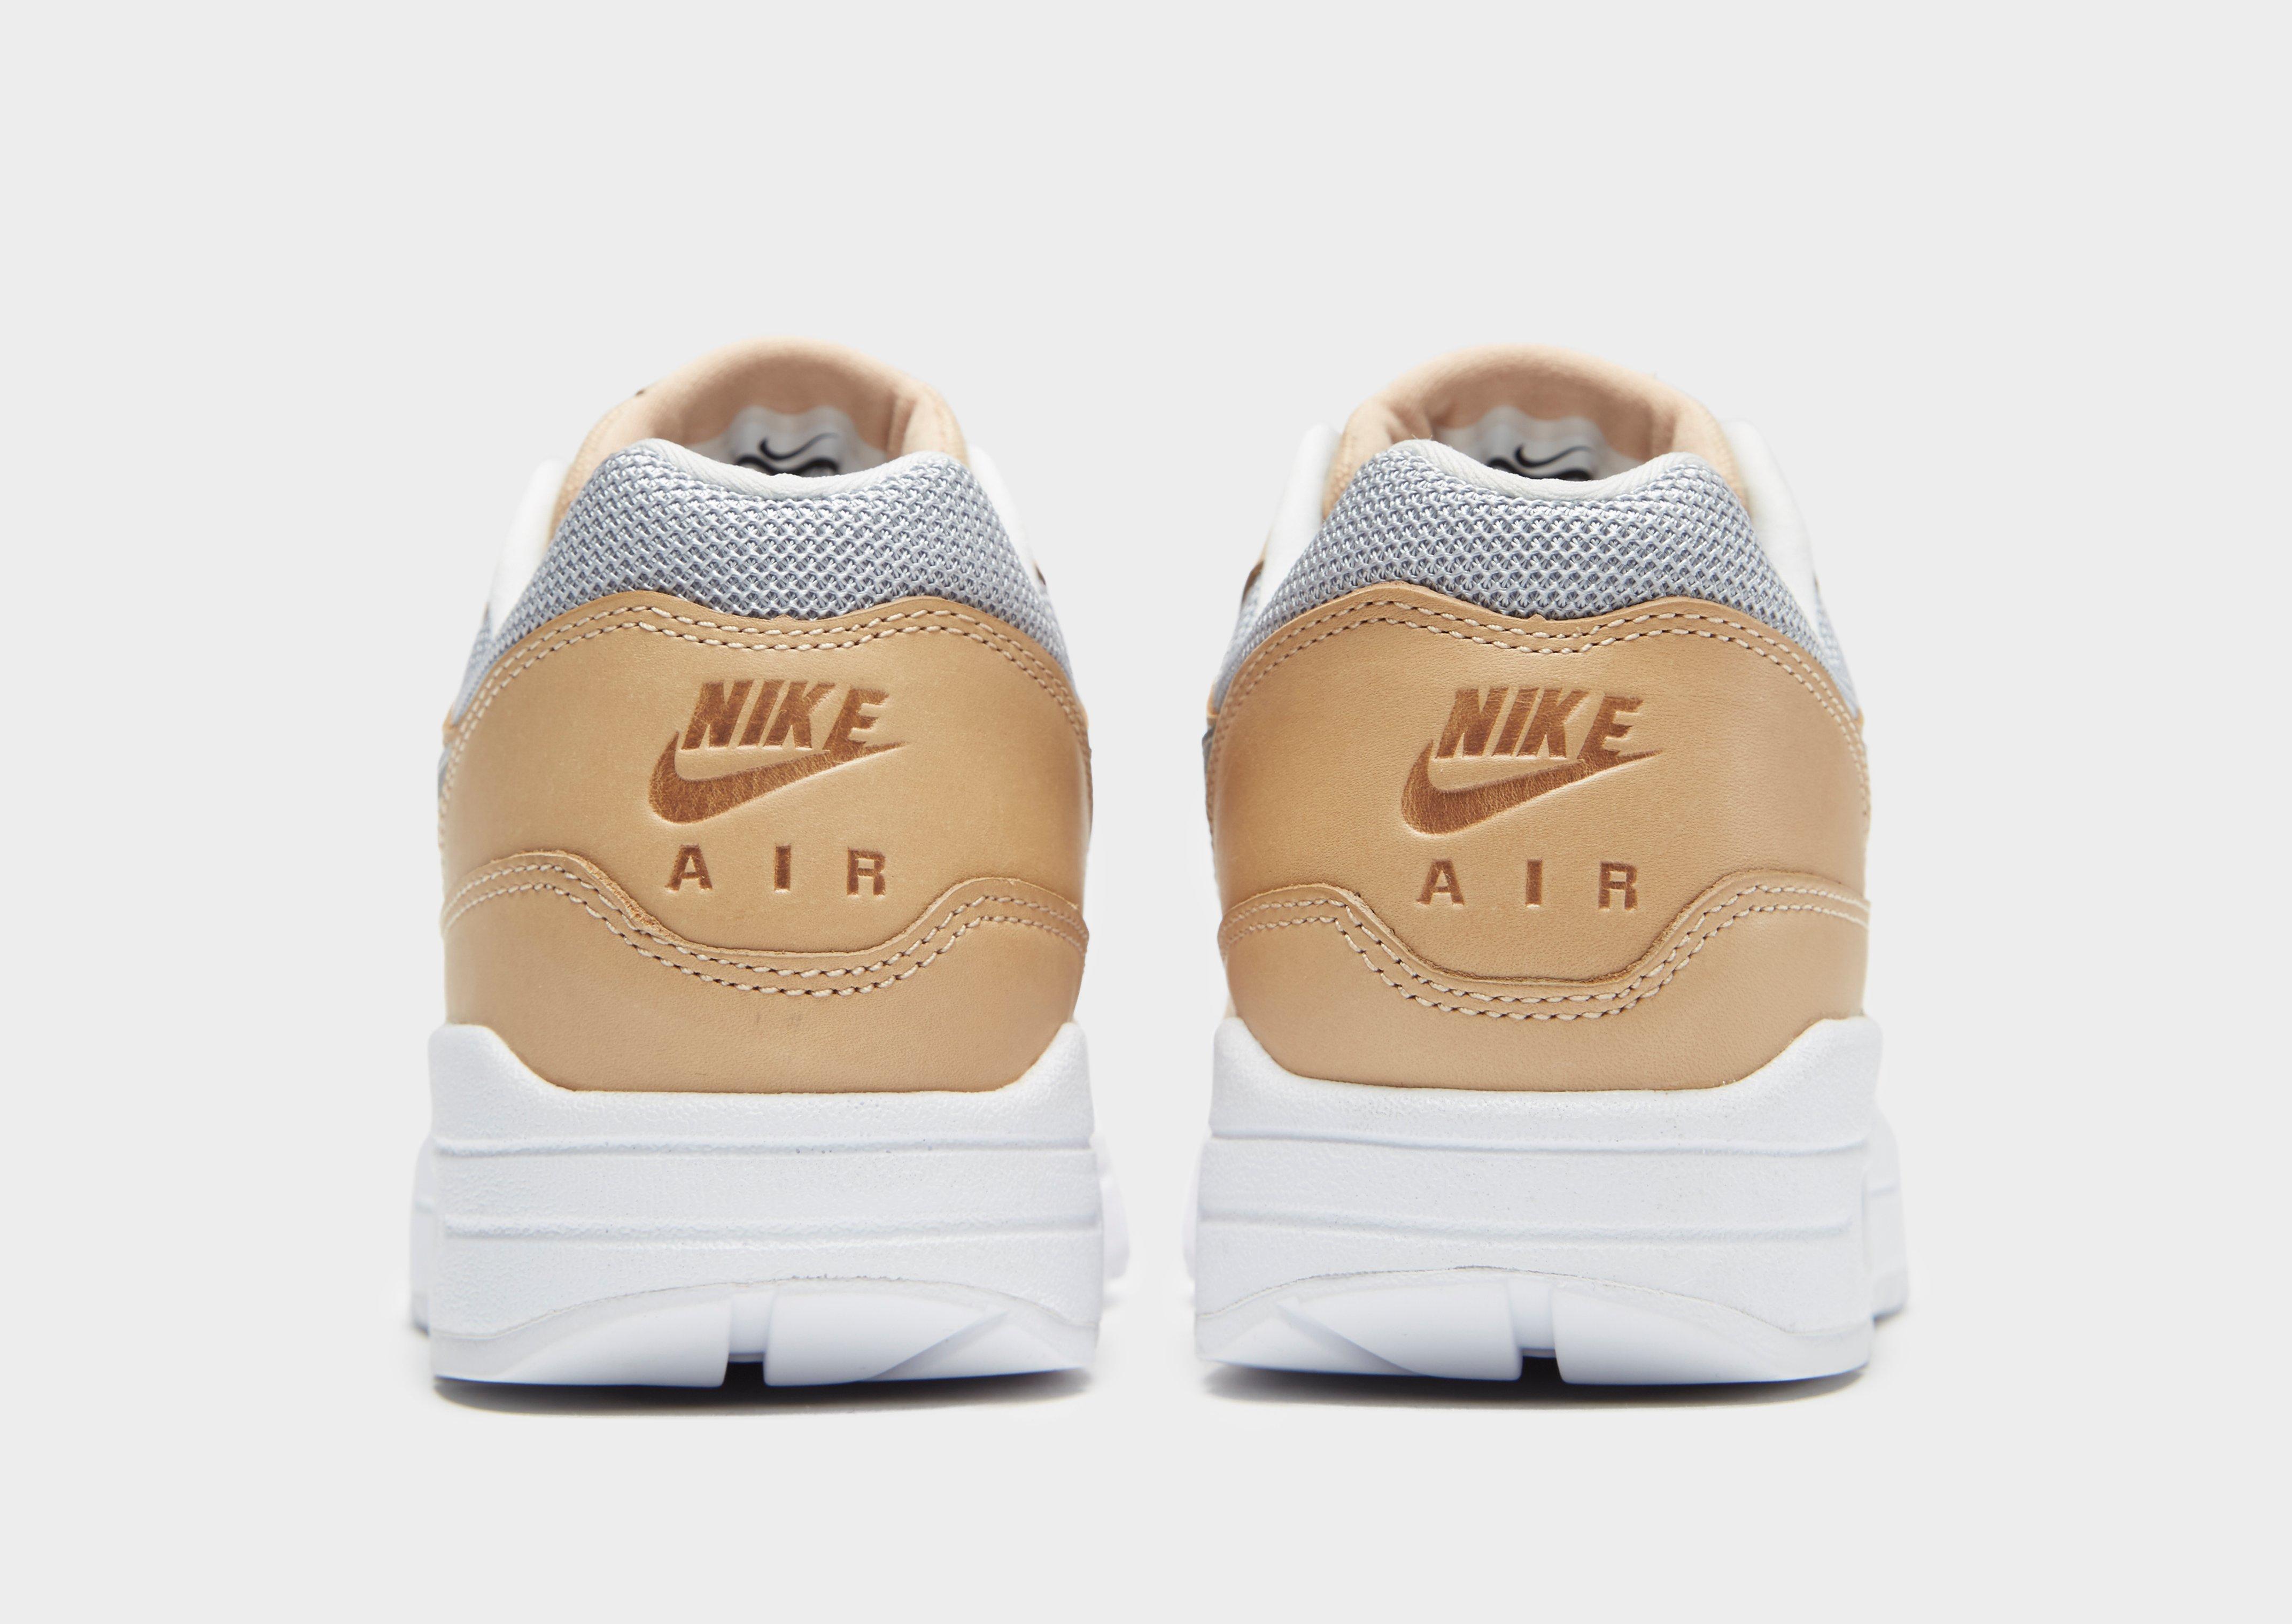 ad6e0eb13361 Nike Air Max Tavas 2018 Niketennis